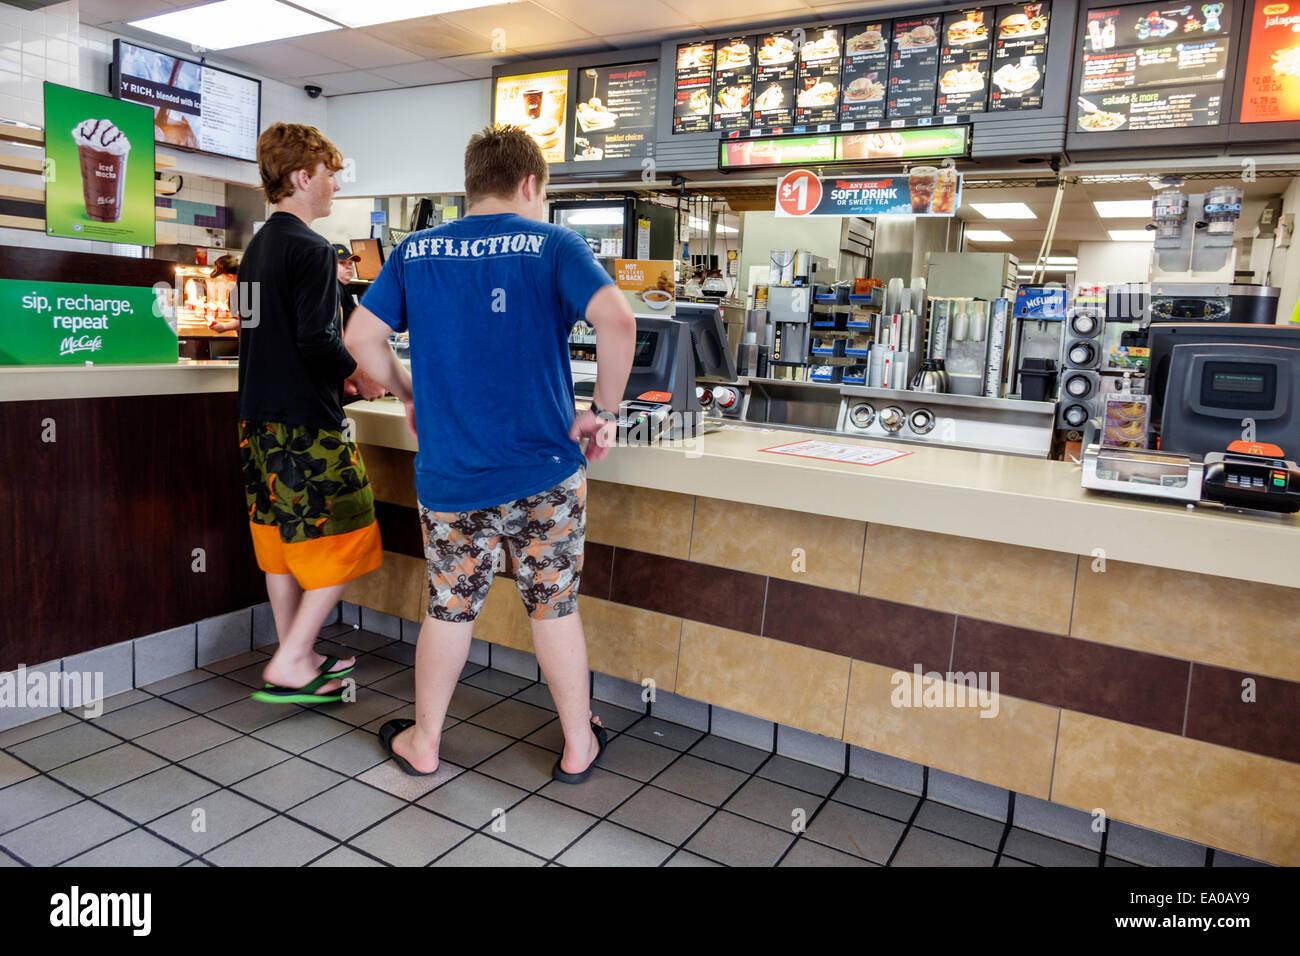 Florida Okeechobee McDonald's ristorante fast food contatore interno teen boy amici i clienti Immagini Stock